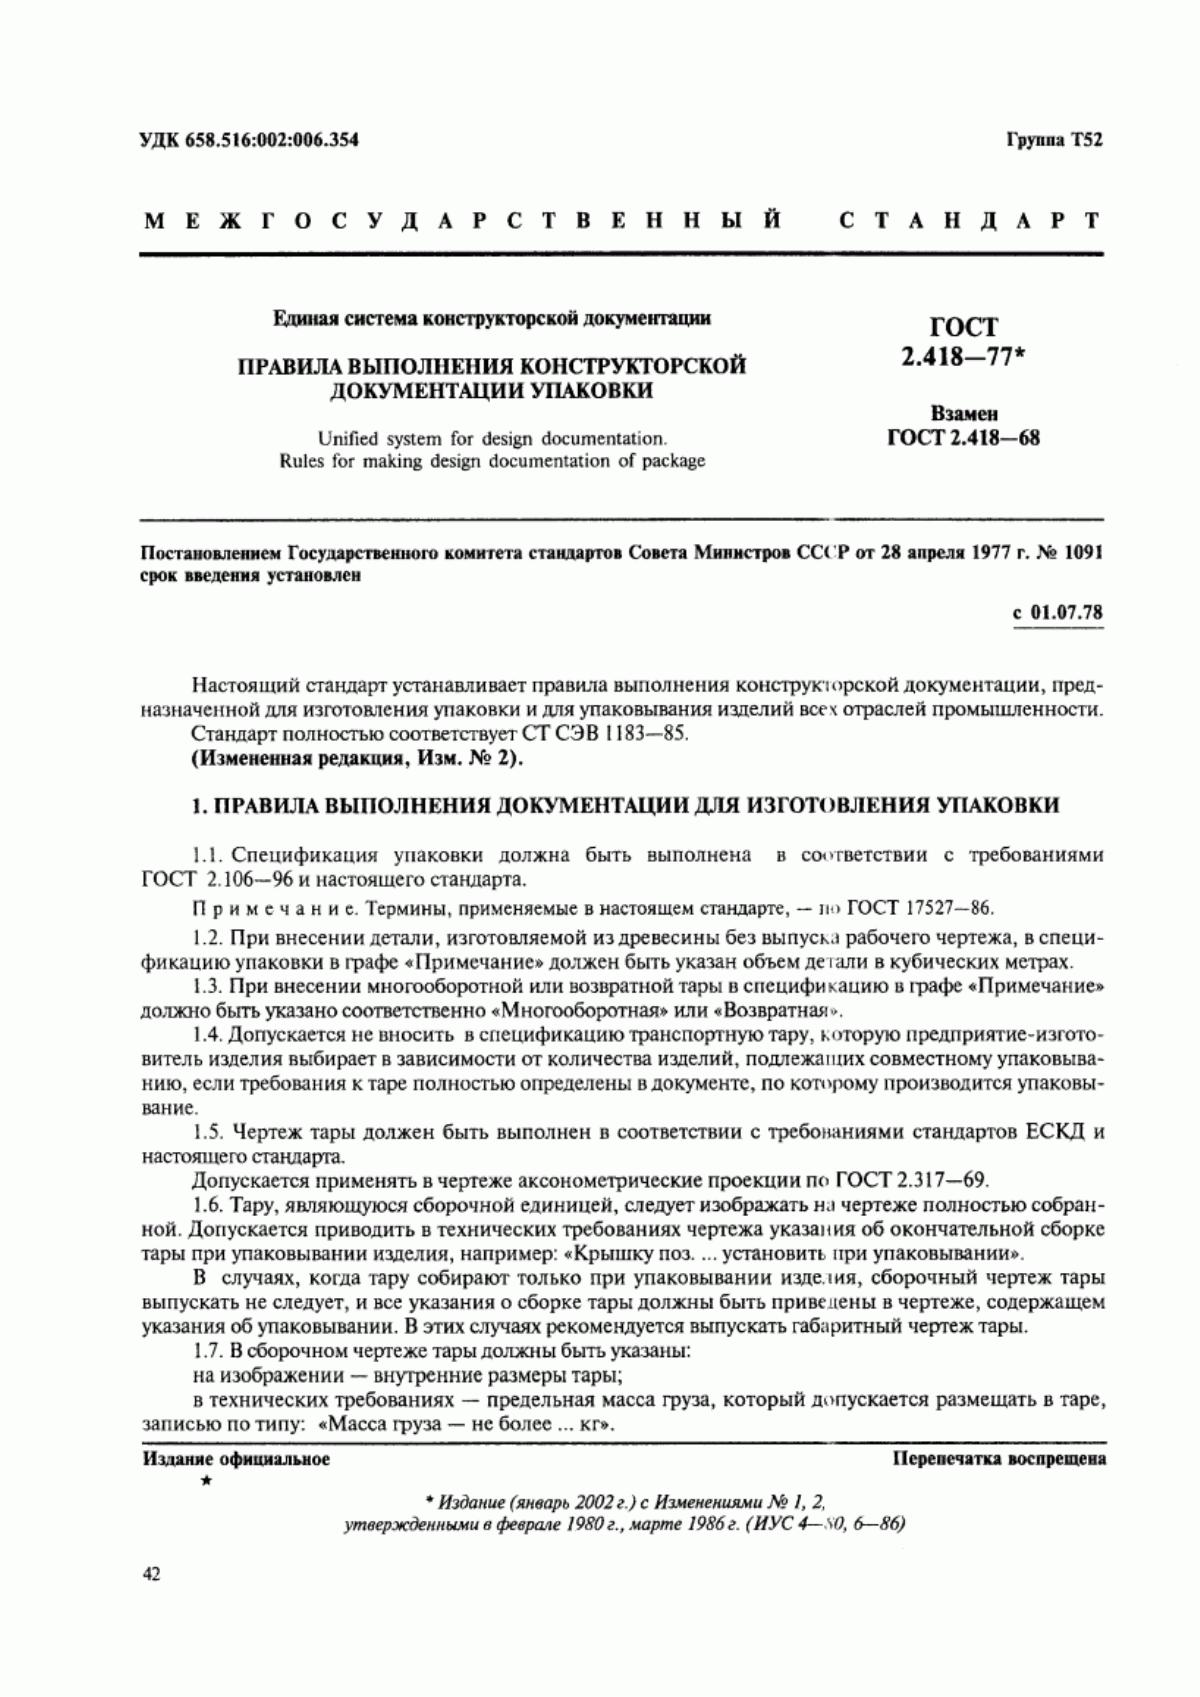 Гост 2.314-68 единая система конструкторской документации (ескд). указания на чертежах о маркировании и клеймении изделий (с изменениями n 1, 2), гост от 19 июня 1968 года №2.314-68